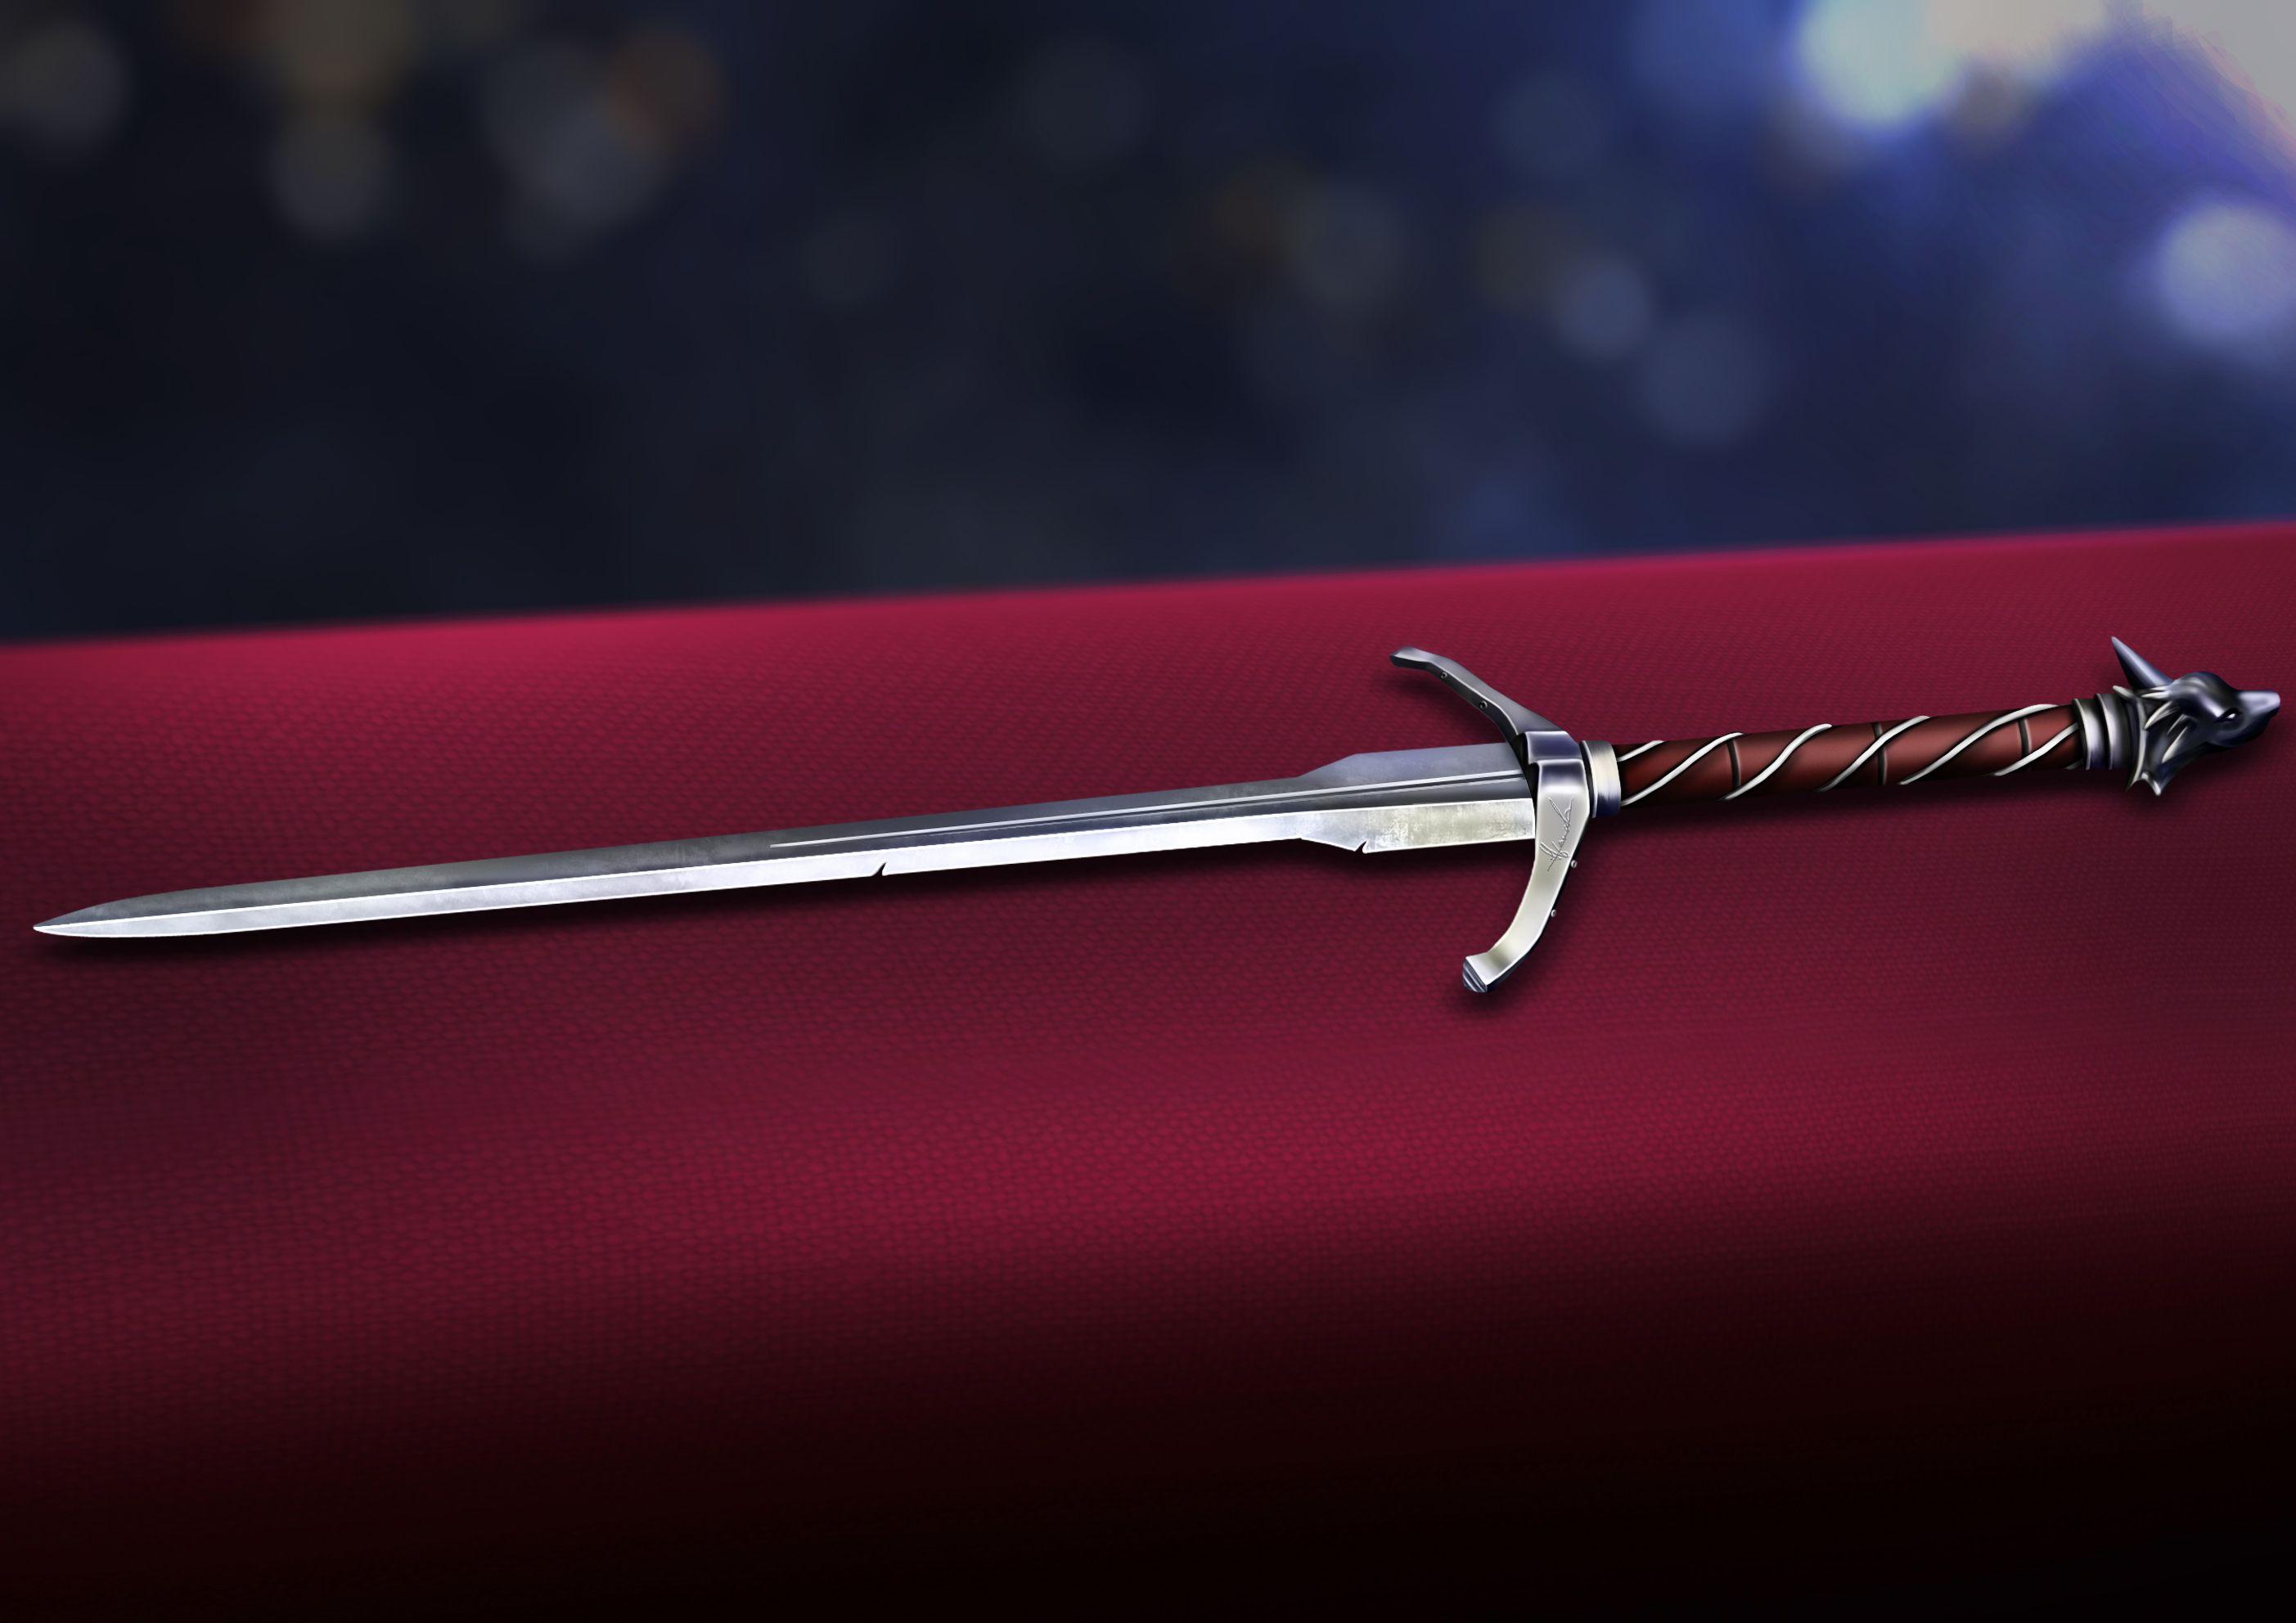 картинки мечей ведьмаков фирма лидер